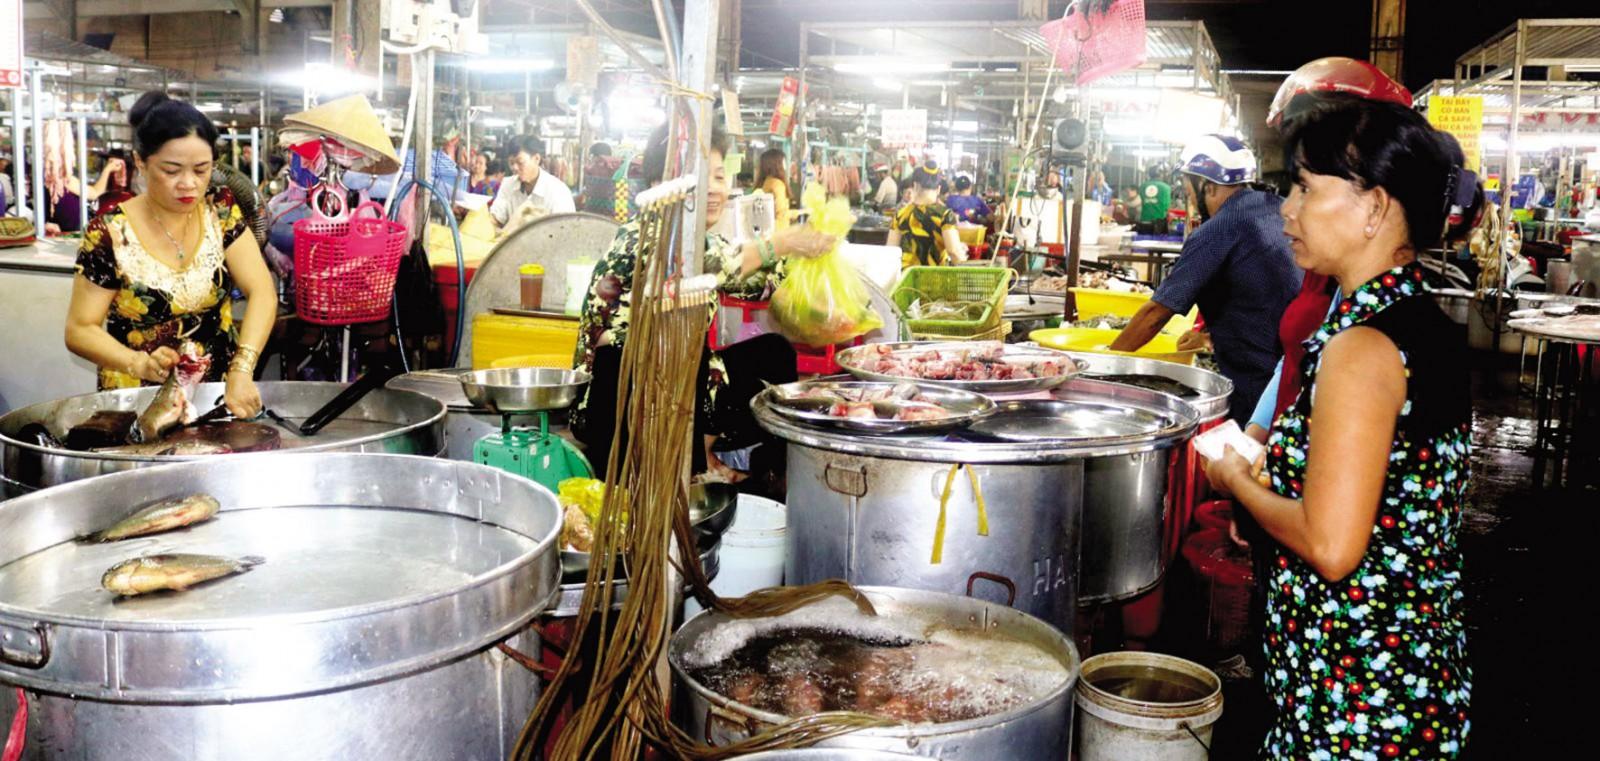 Mua bán thủy sản tươi sống tại chợ Nhà lồng 3, Trung tâm Thương mại Cái Khế, TP Cần Thơ.